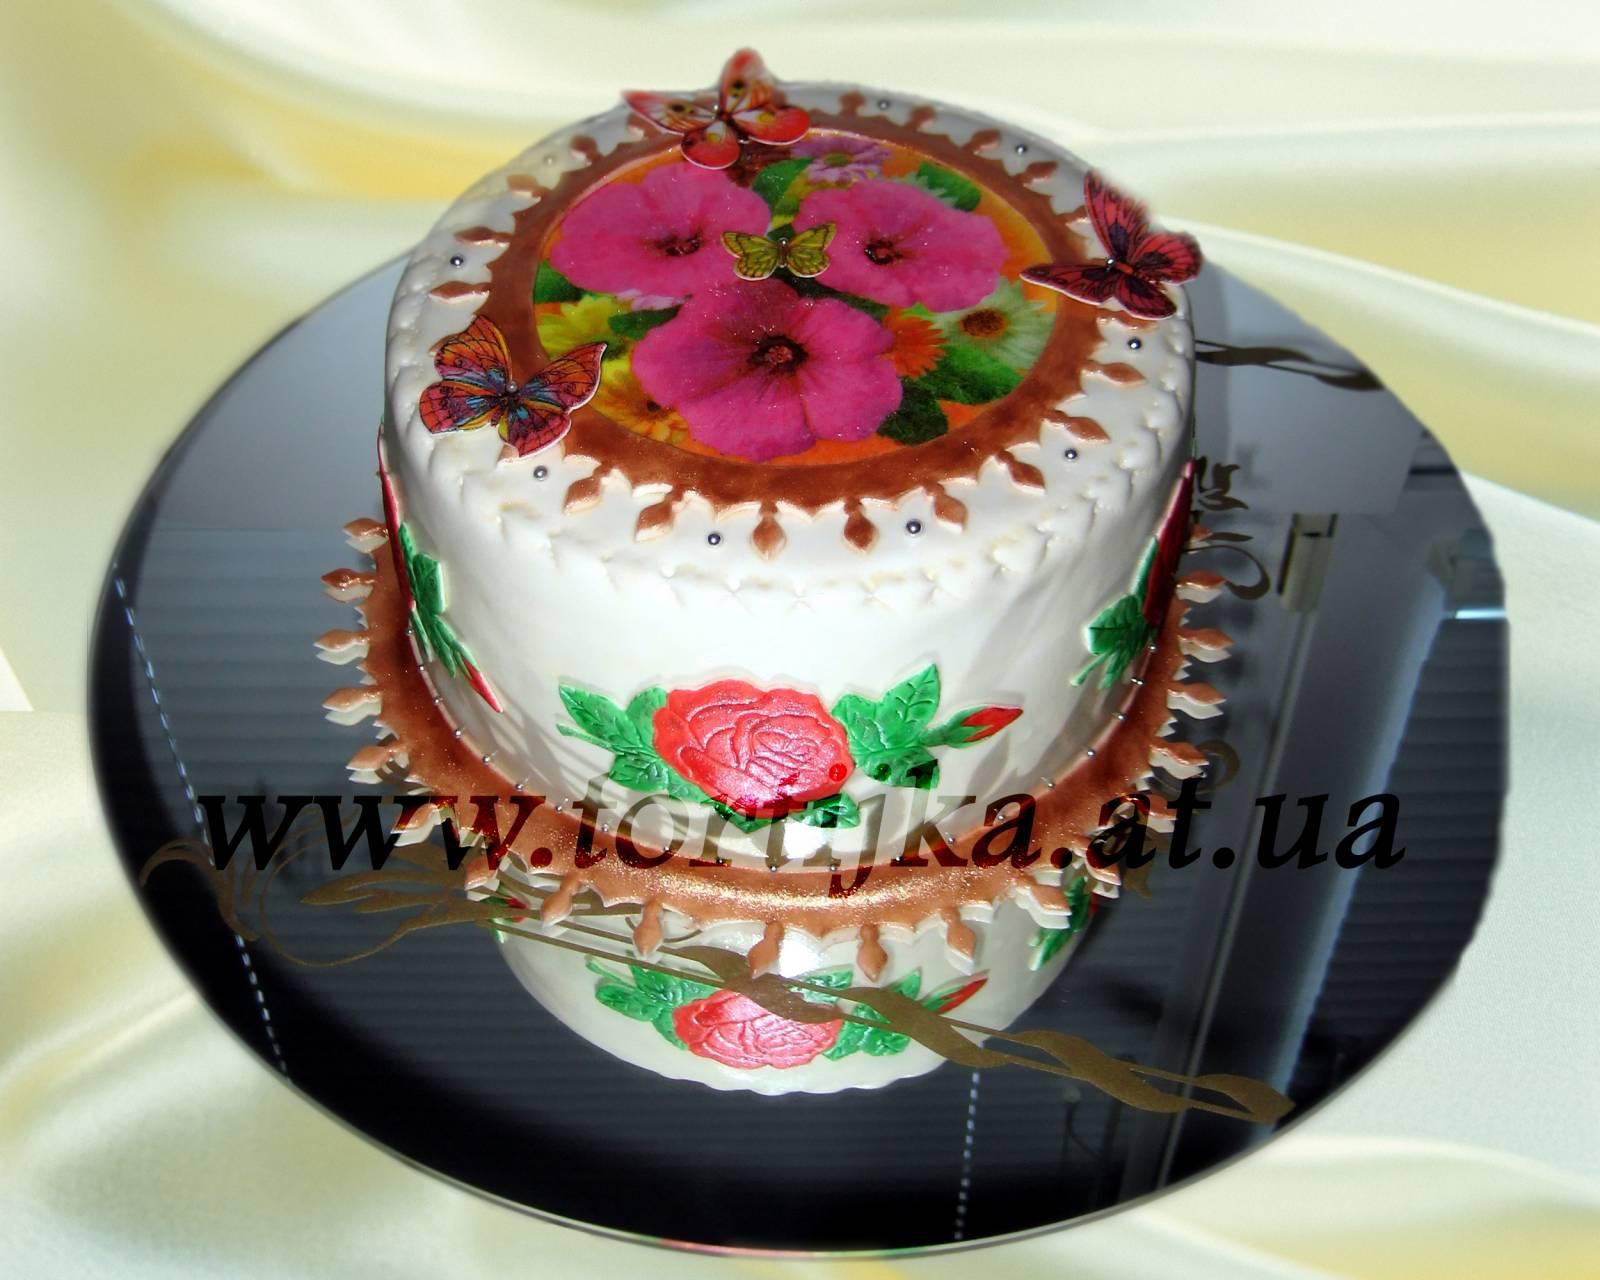 Как сделать фото на торте дома? Простой и доступный способ 10